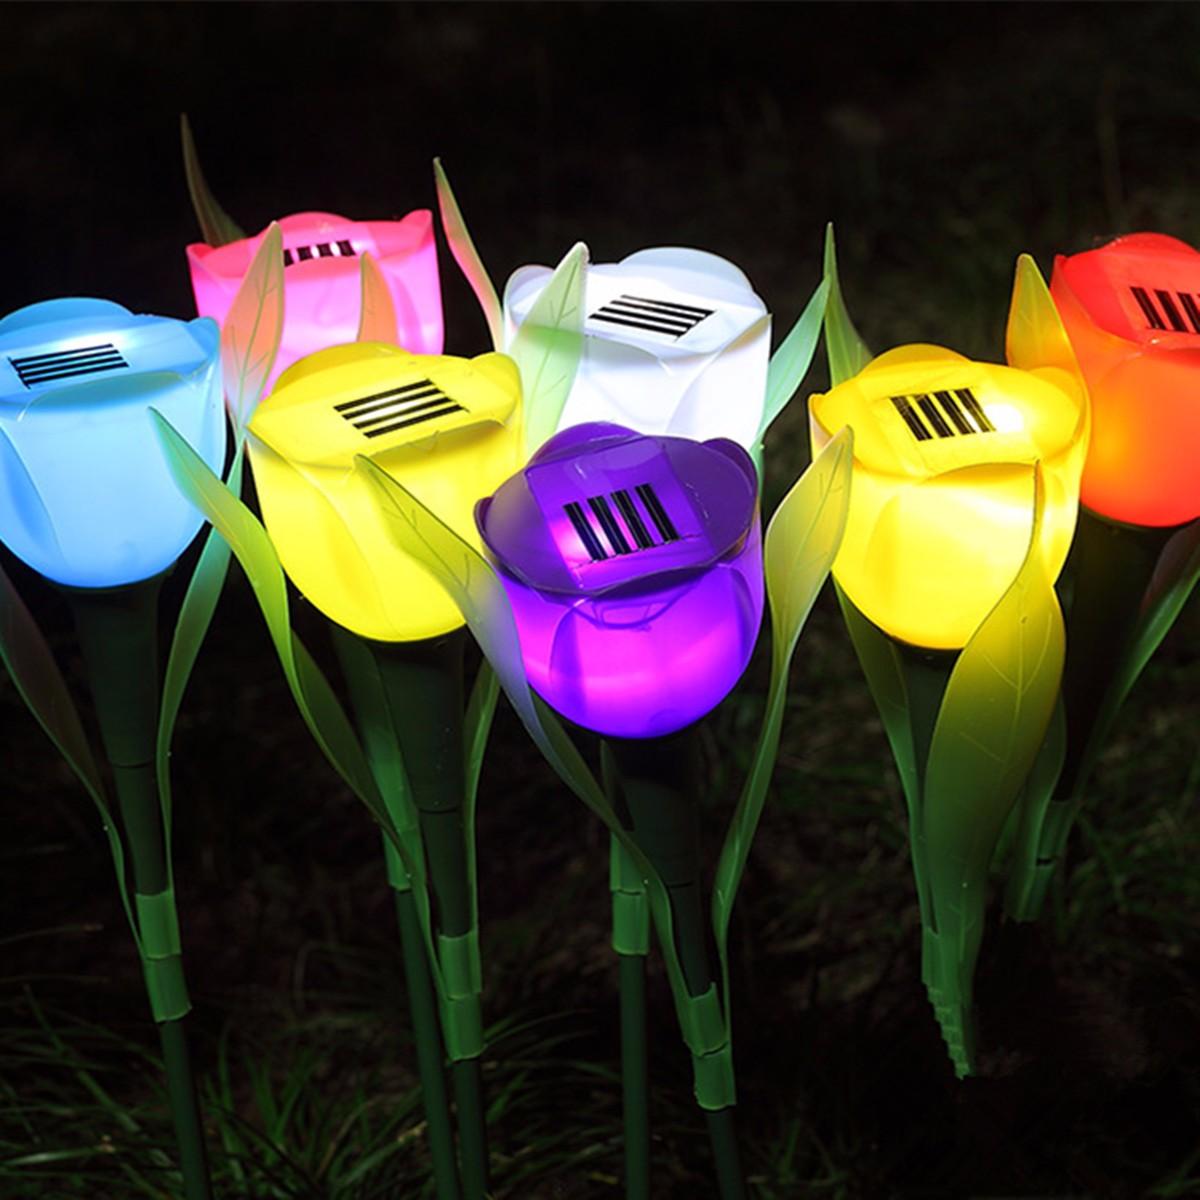 2V Solar LED Lantern Light Fairy Colorful Flower Outdoor Garden Home Tulip LED Lights For Gardens Lawns Balconies Decor